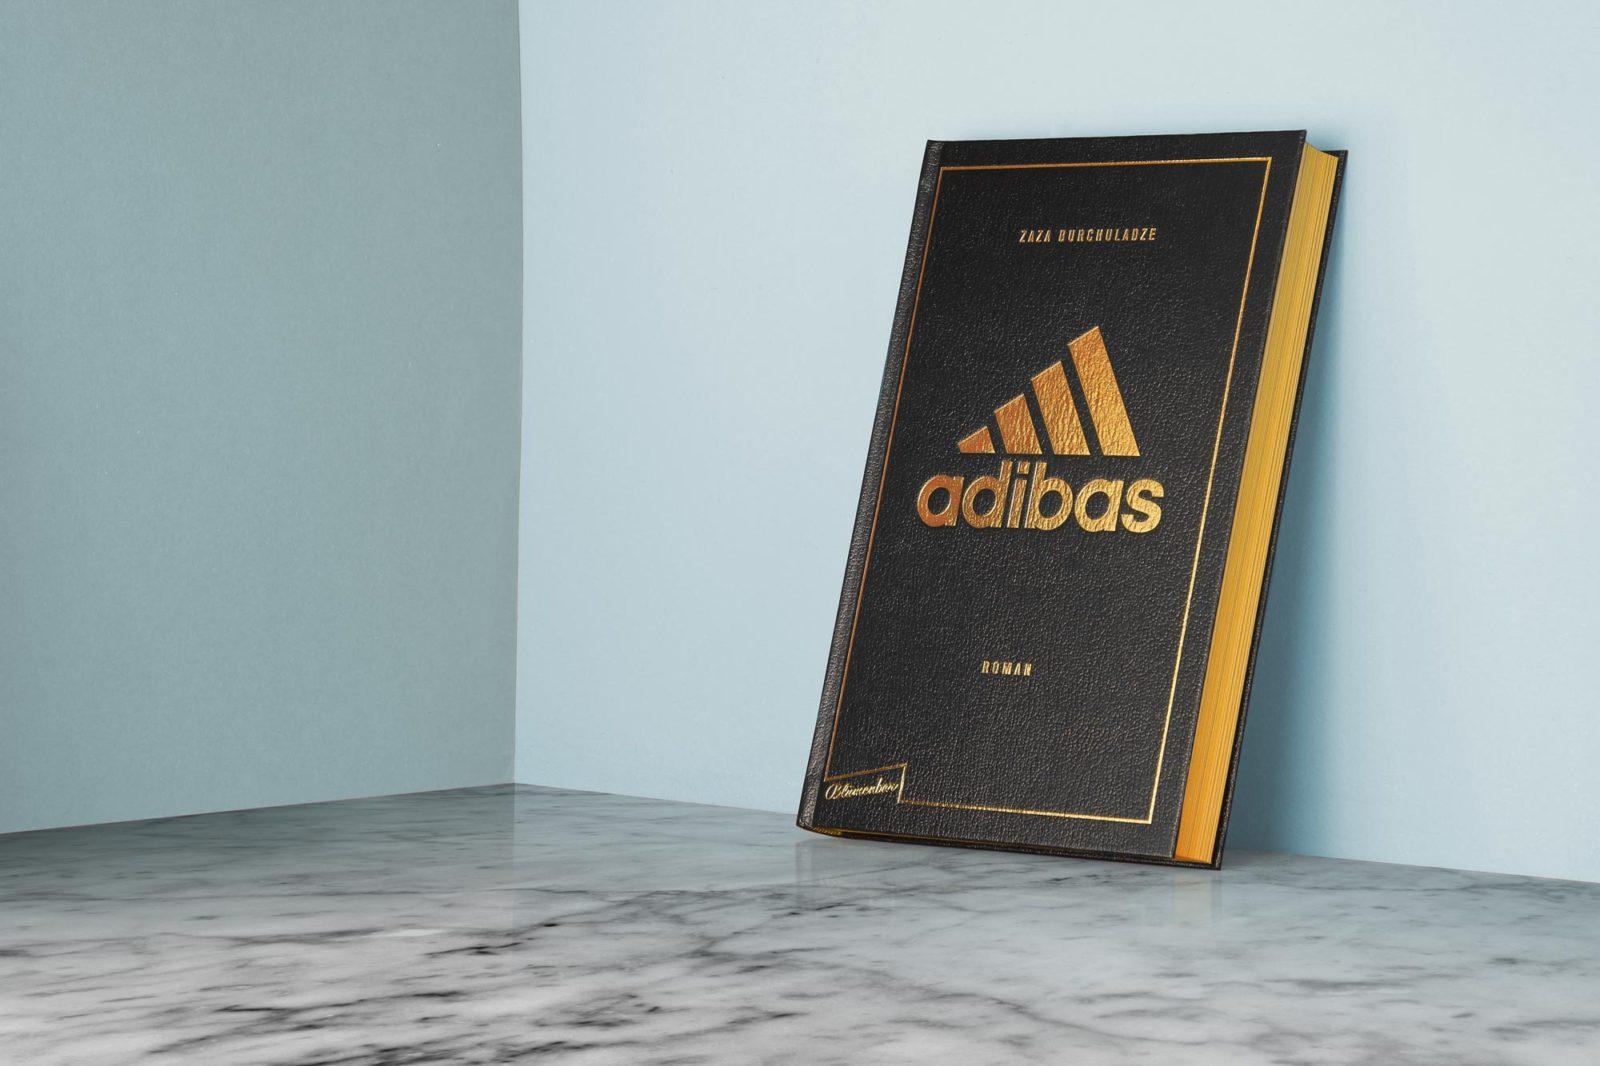 Editienne Grafikdesign - Kommunikationsdesign Berlin- Buchcoverdesign und Buchgestaltung 23